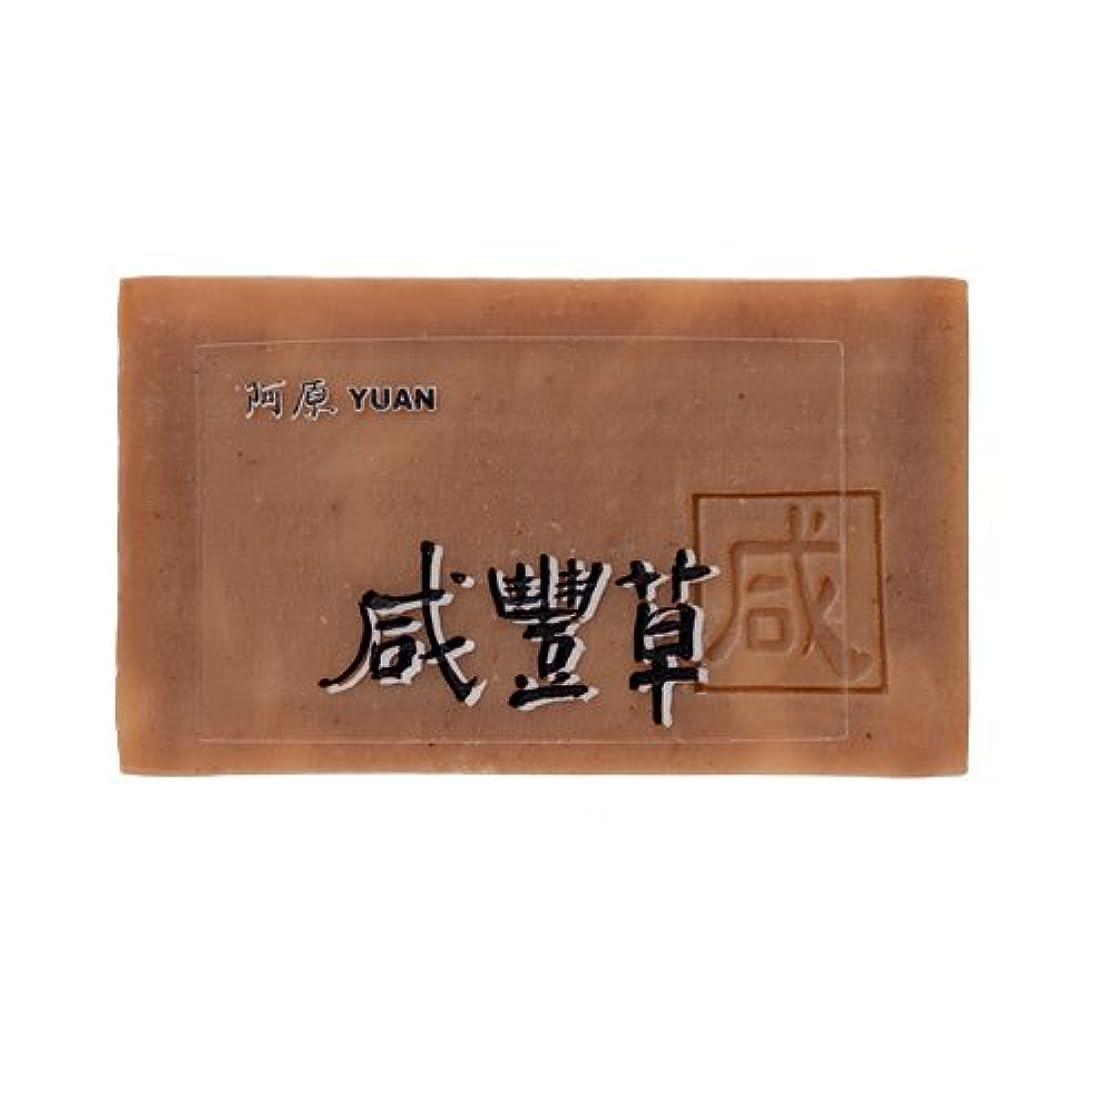 空の生産的ラインナップユアン(YUAN) ユアンソープ コシロノセンダングサソープ 100g (阿原 石けん 台湾コスメ)